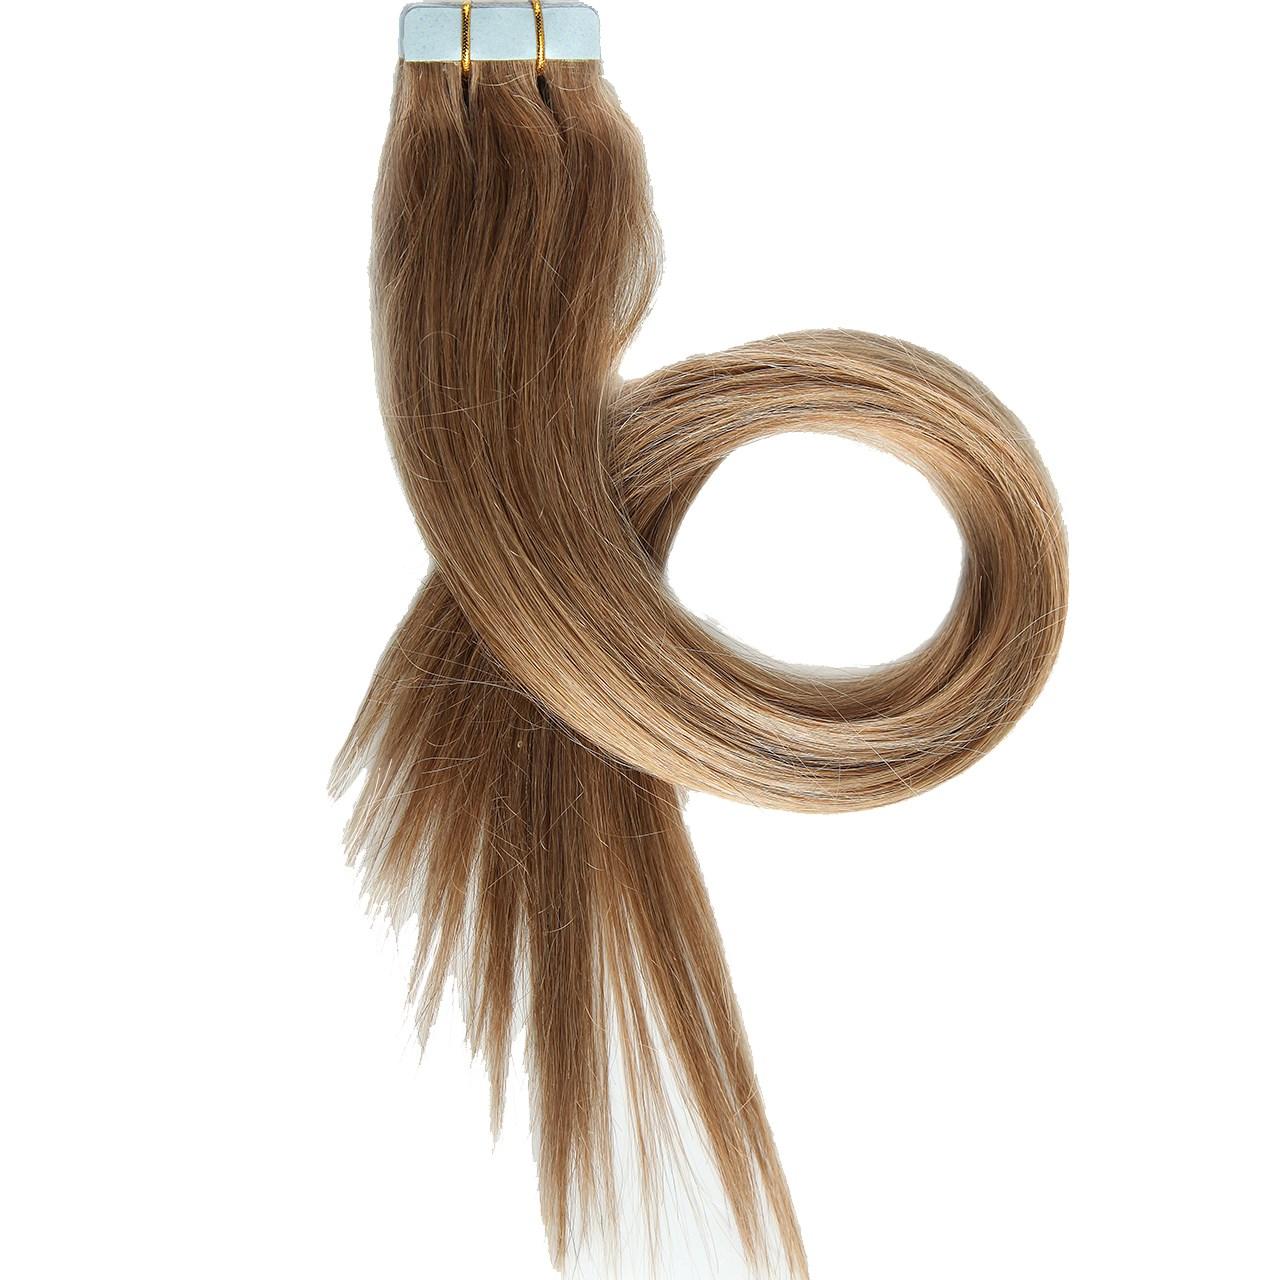 اکستنشن موی طبیعی هدا مدل 16 بسته 20 نواری